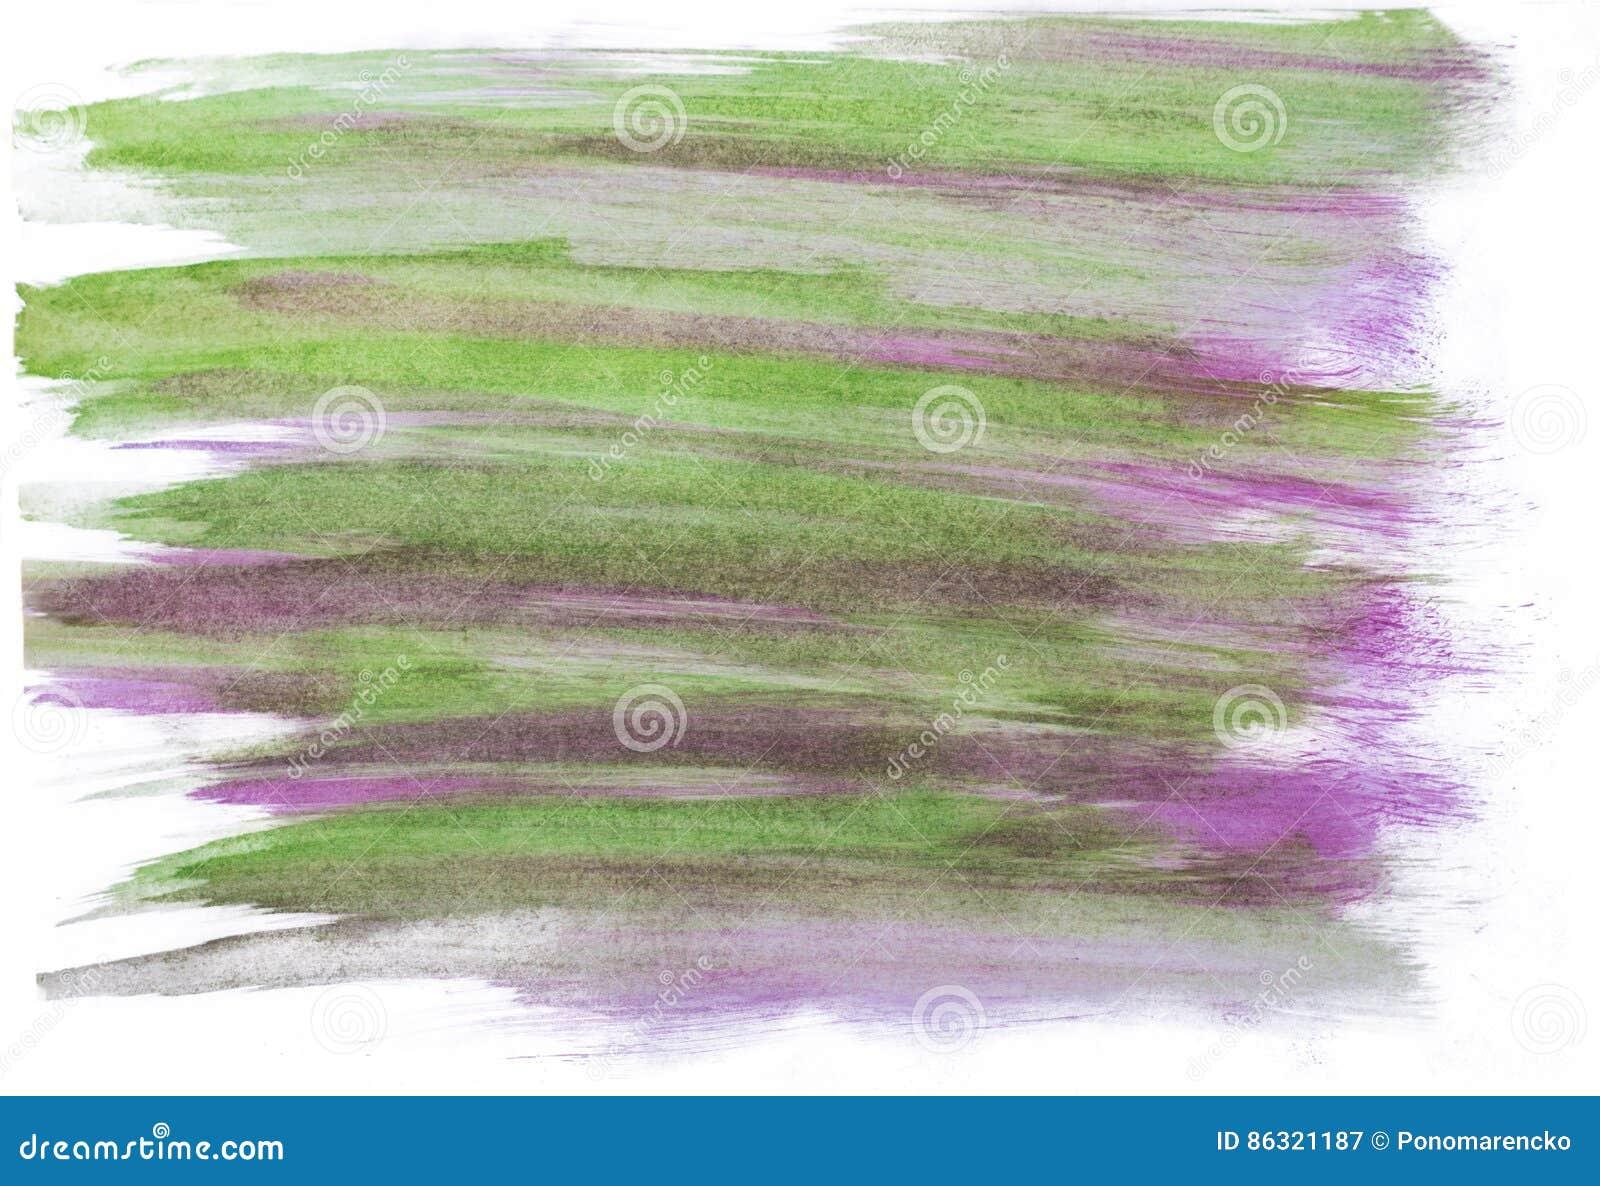 Sumário verde e roxo feito a mão da aquarela